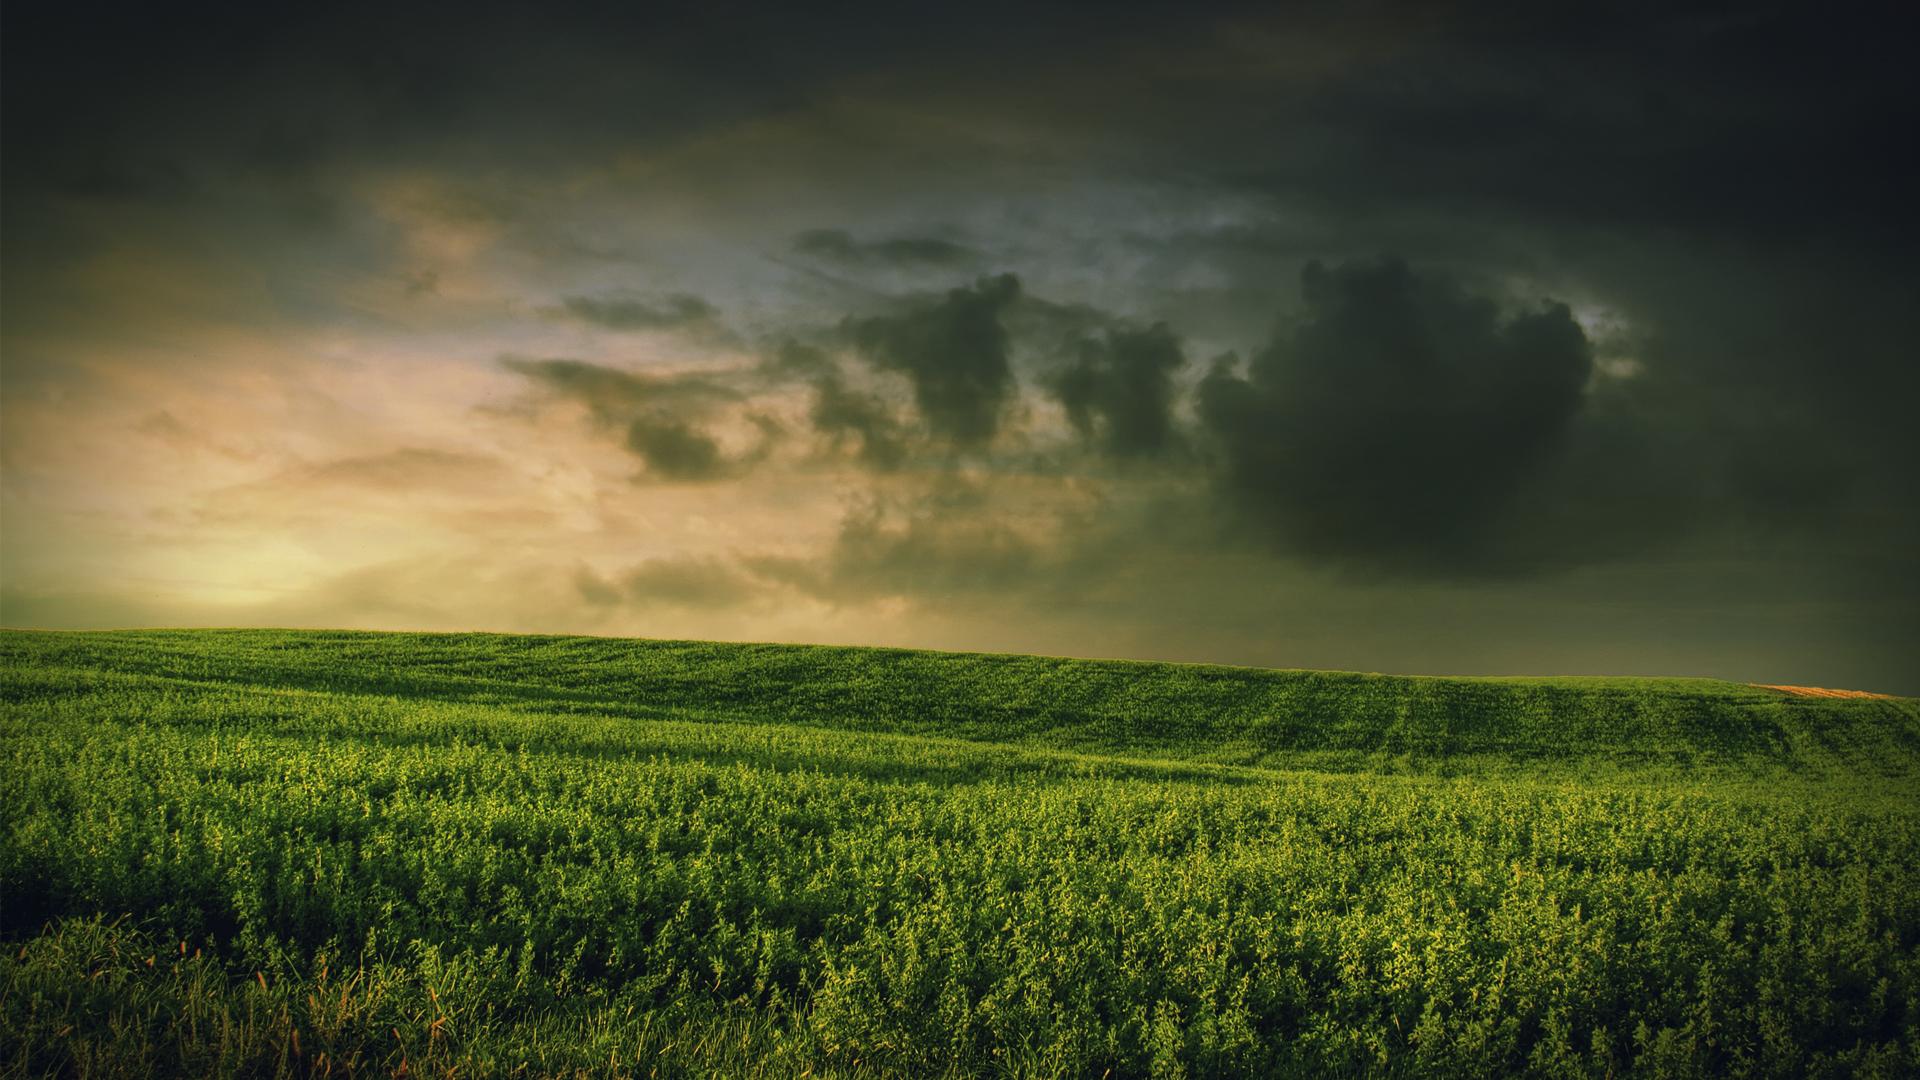 高清风景美景护眼壁纸 - 社区图酷 - 齐鲁社区 - 山东